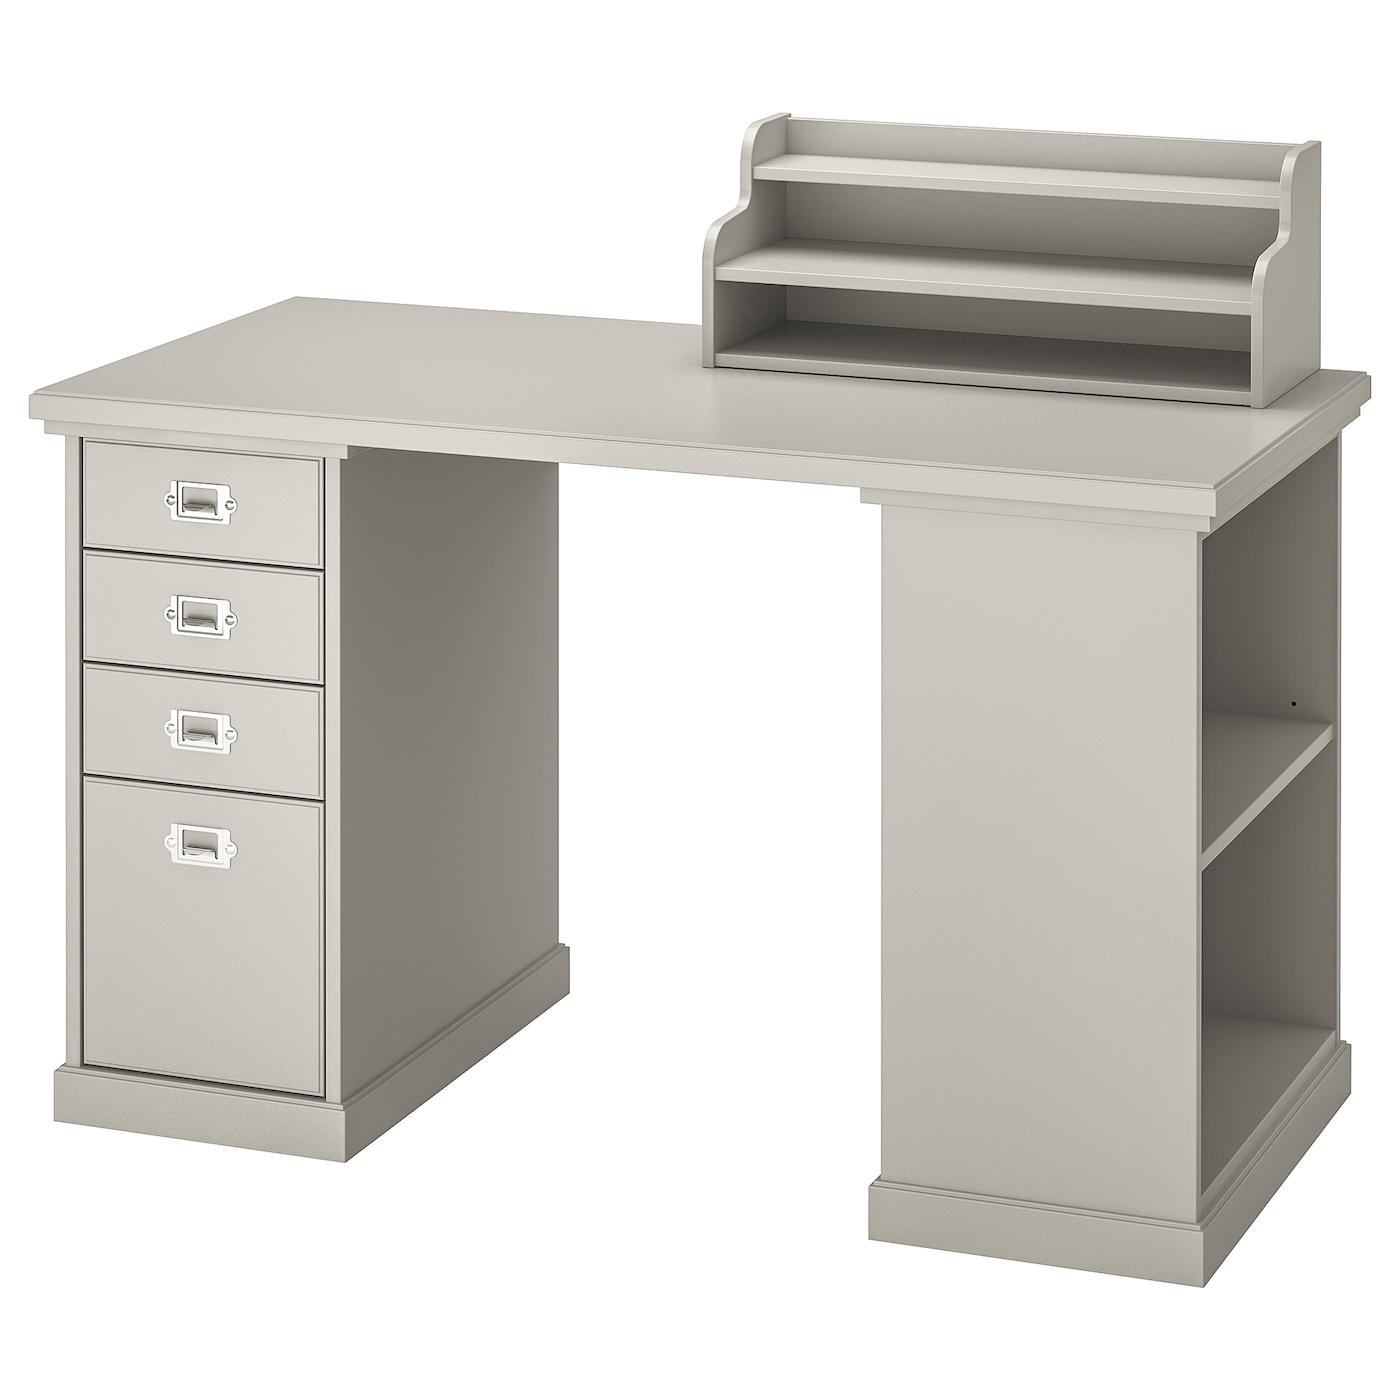 en-table-light-grey__0736595_PE740647_S5